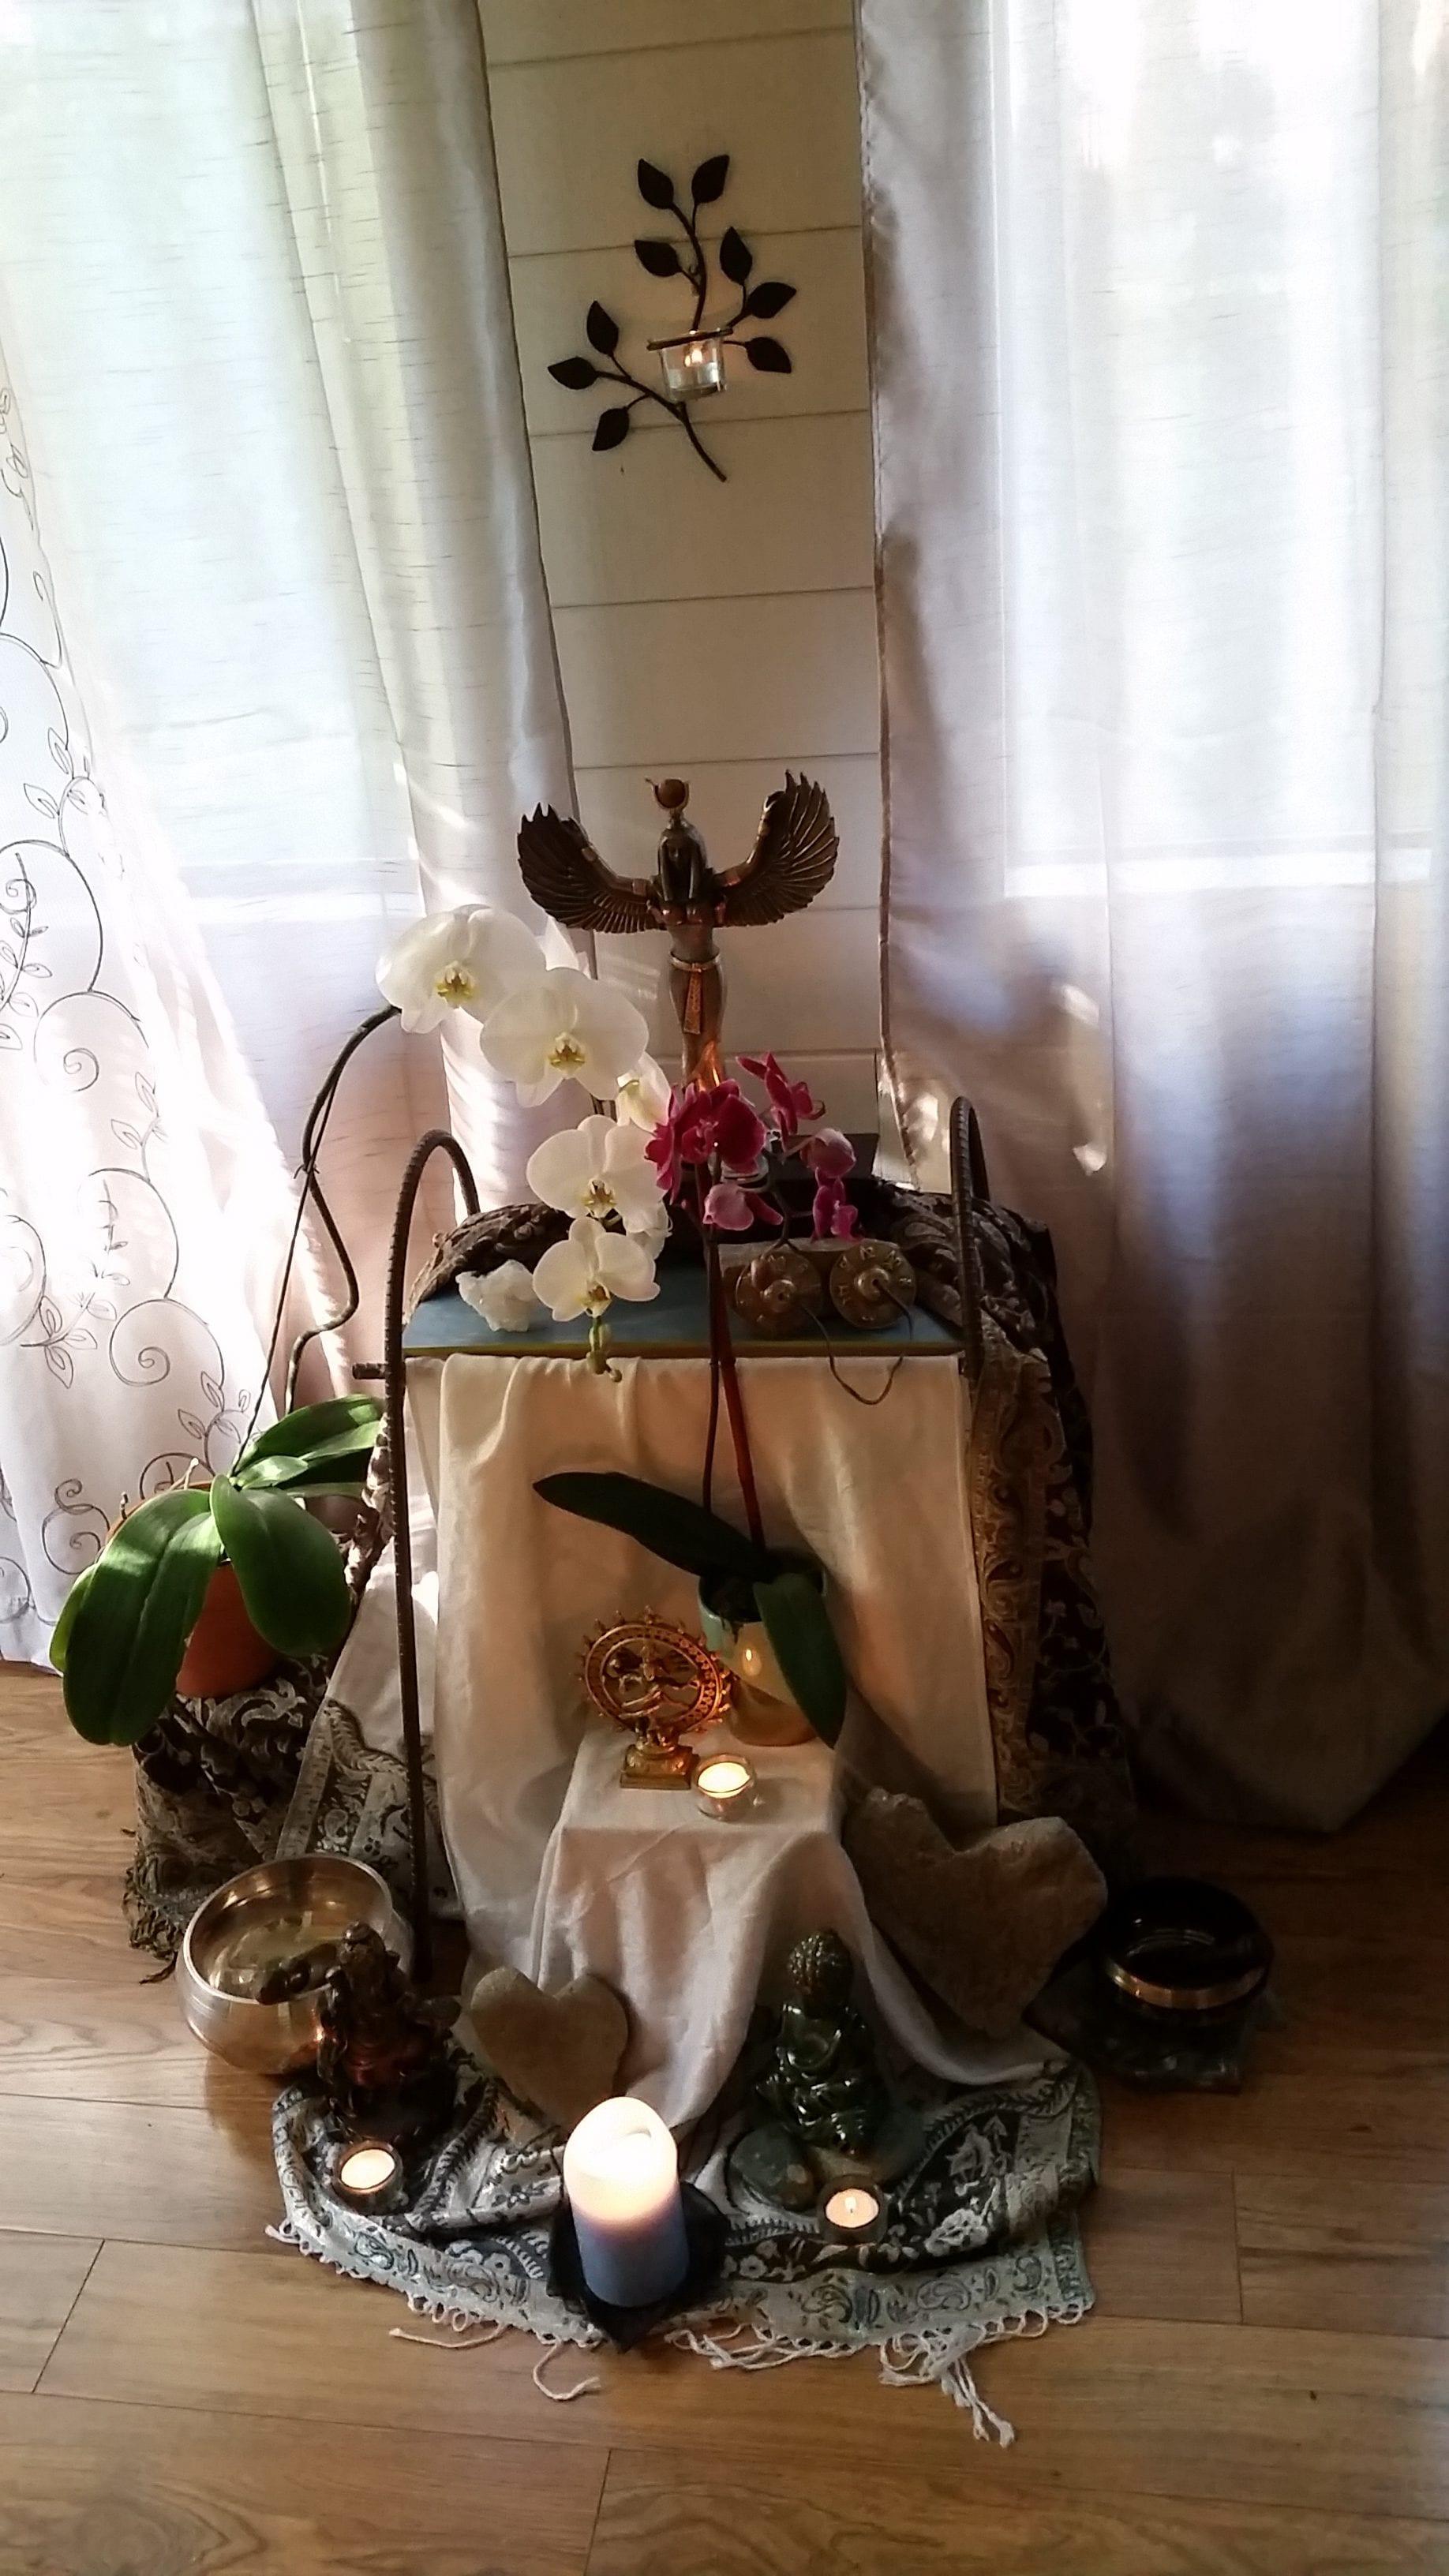 Meg McCraken's altar